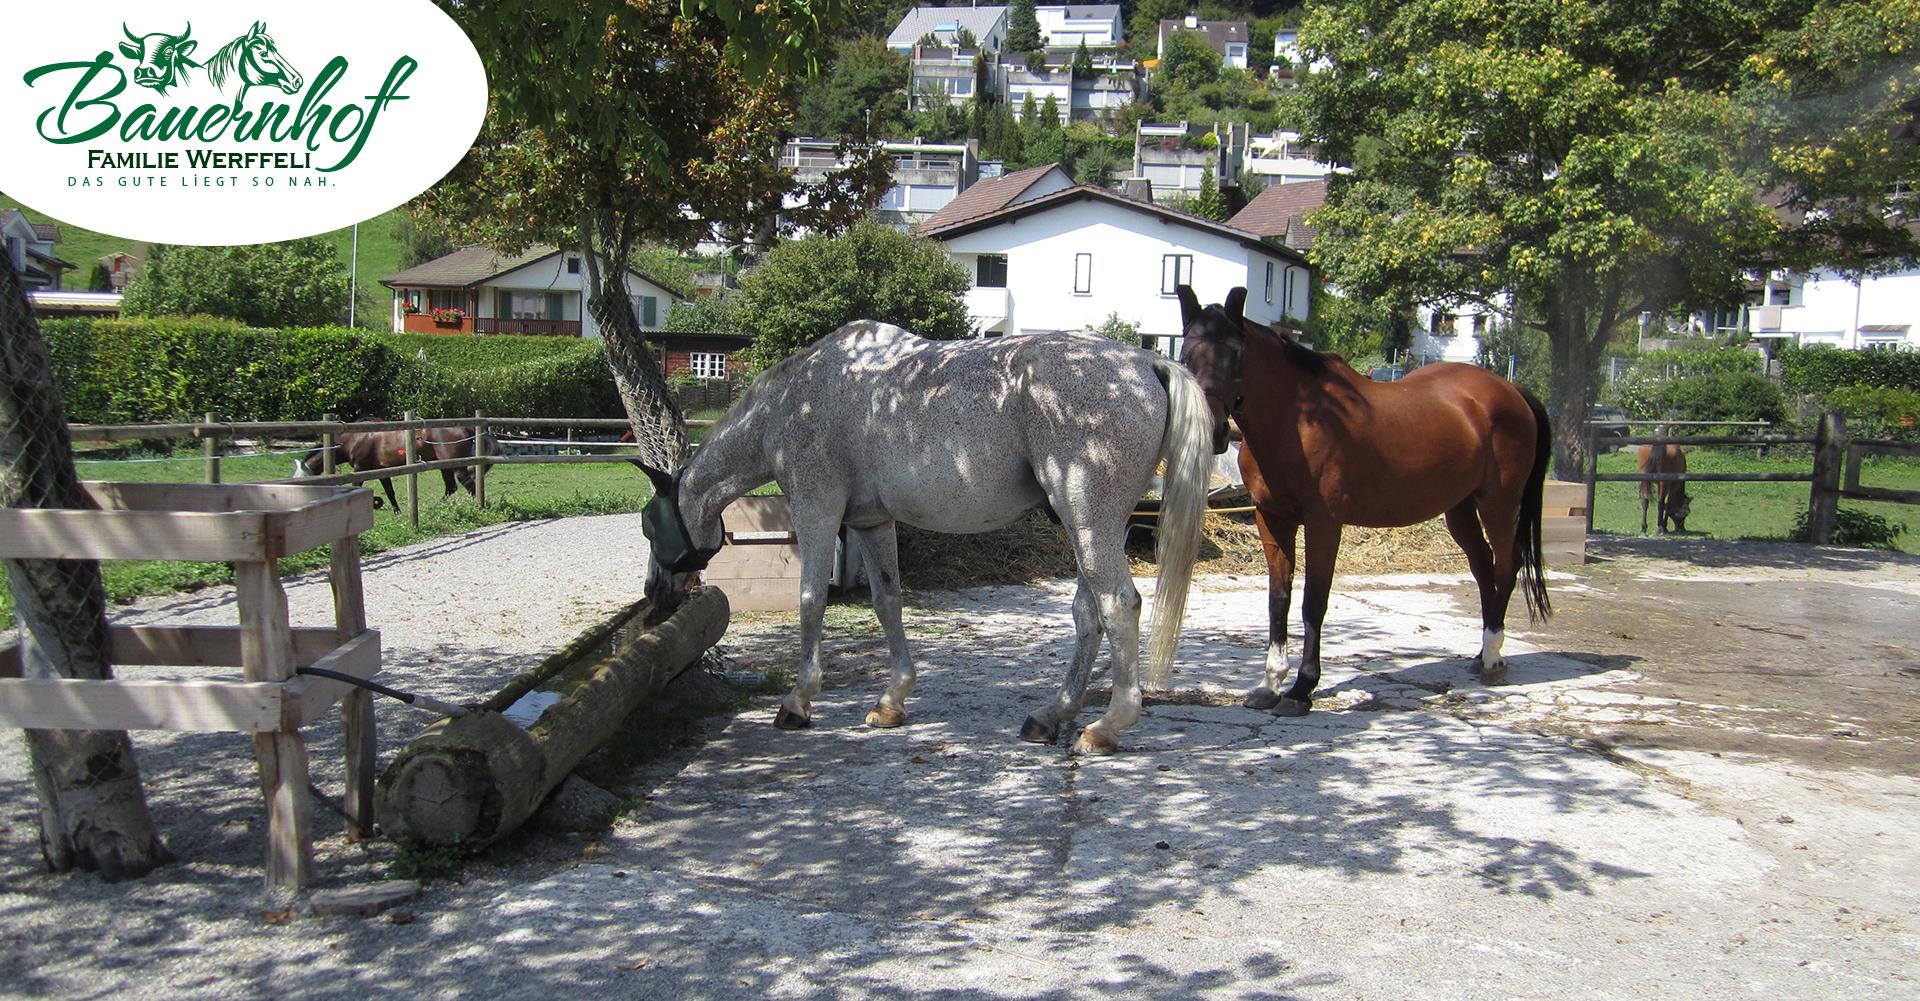 bauernhof-familie-werffeli-slide05